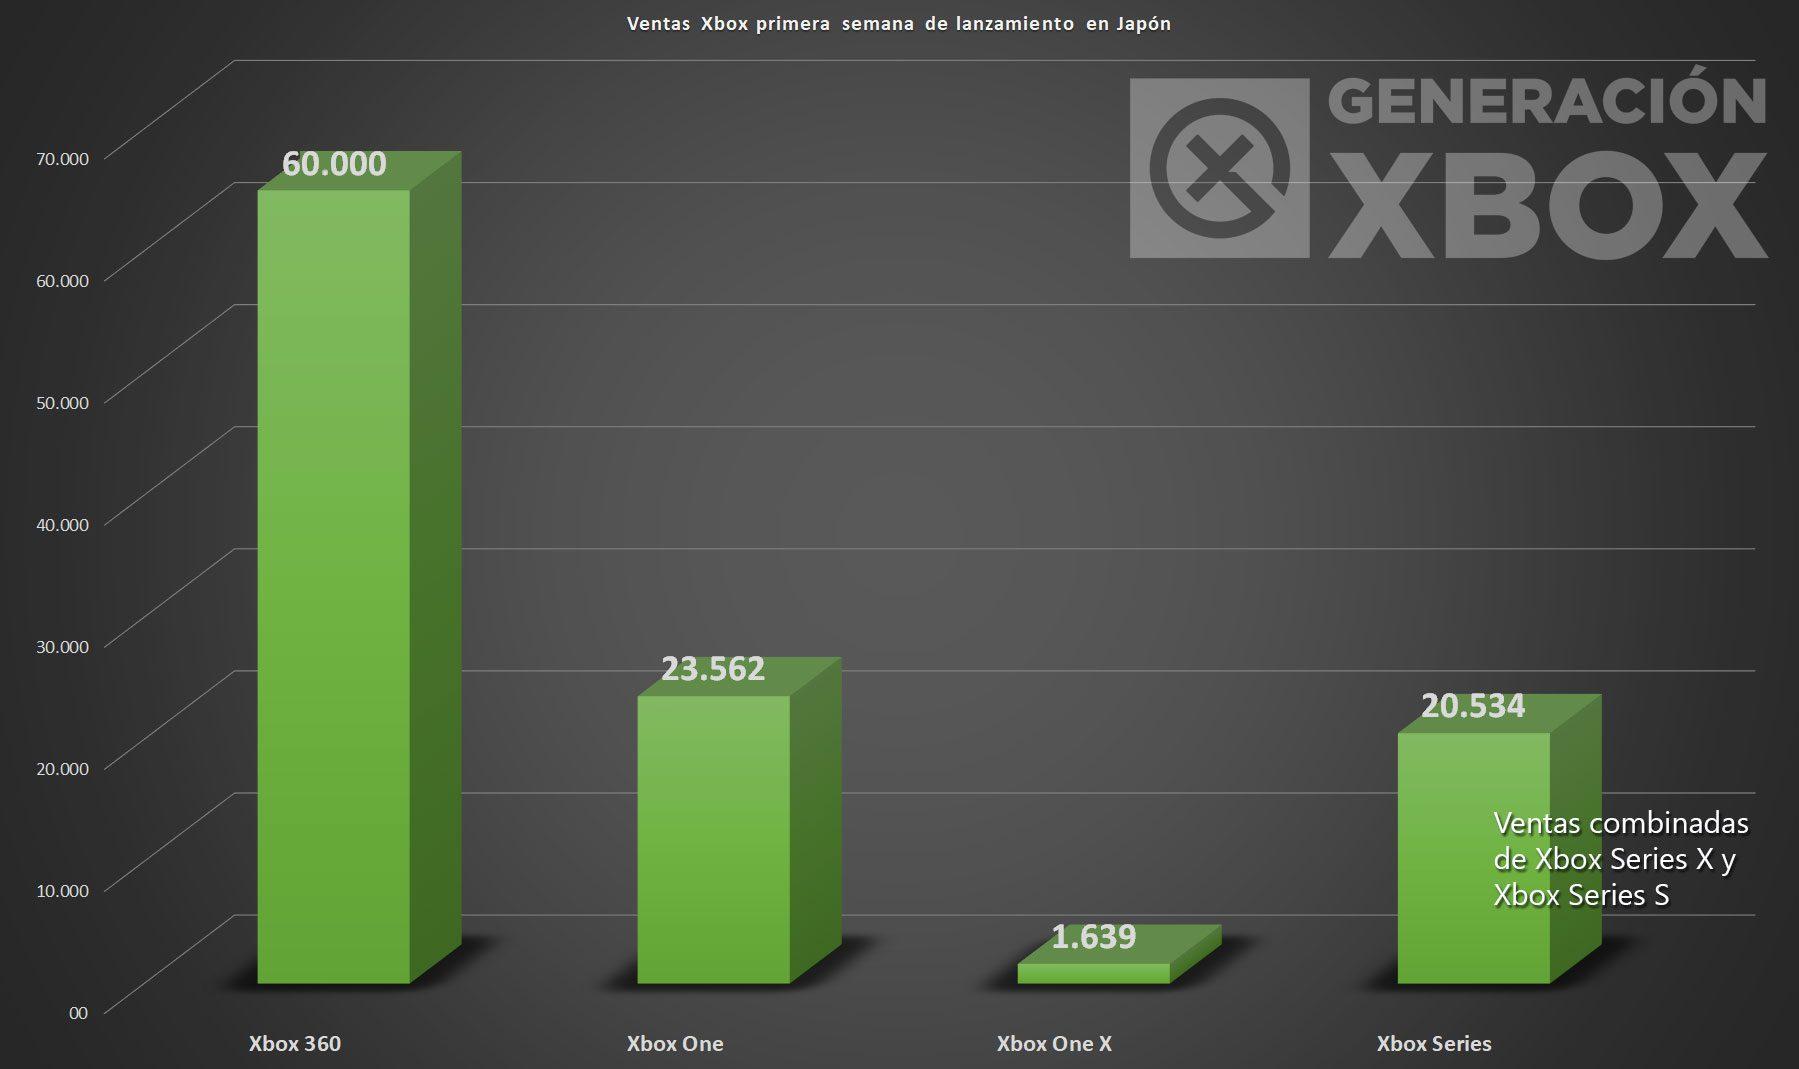 Xbox Series en Japón vende menos que Xbox One en su primera semana